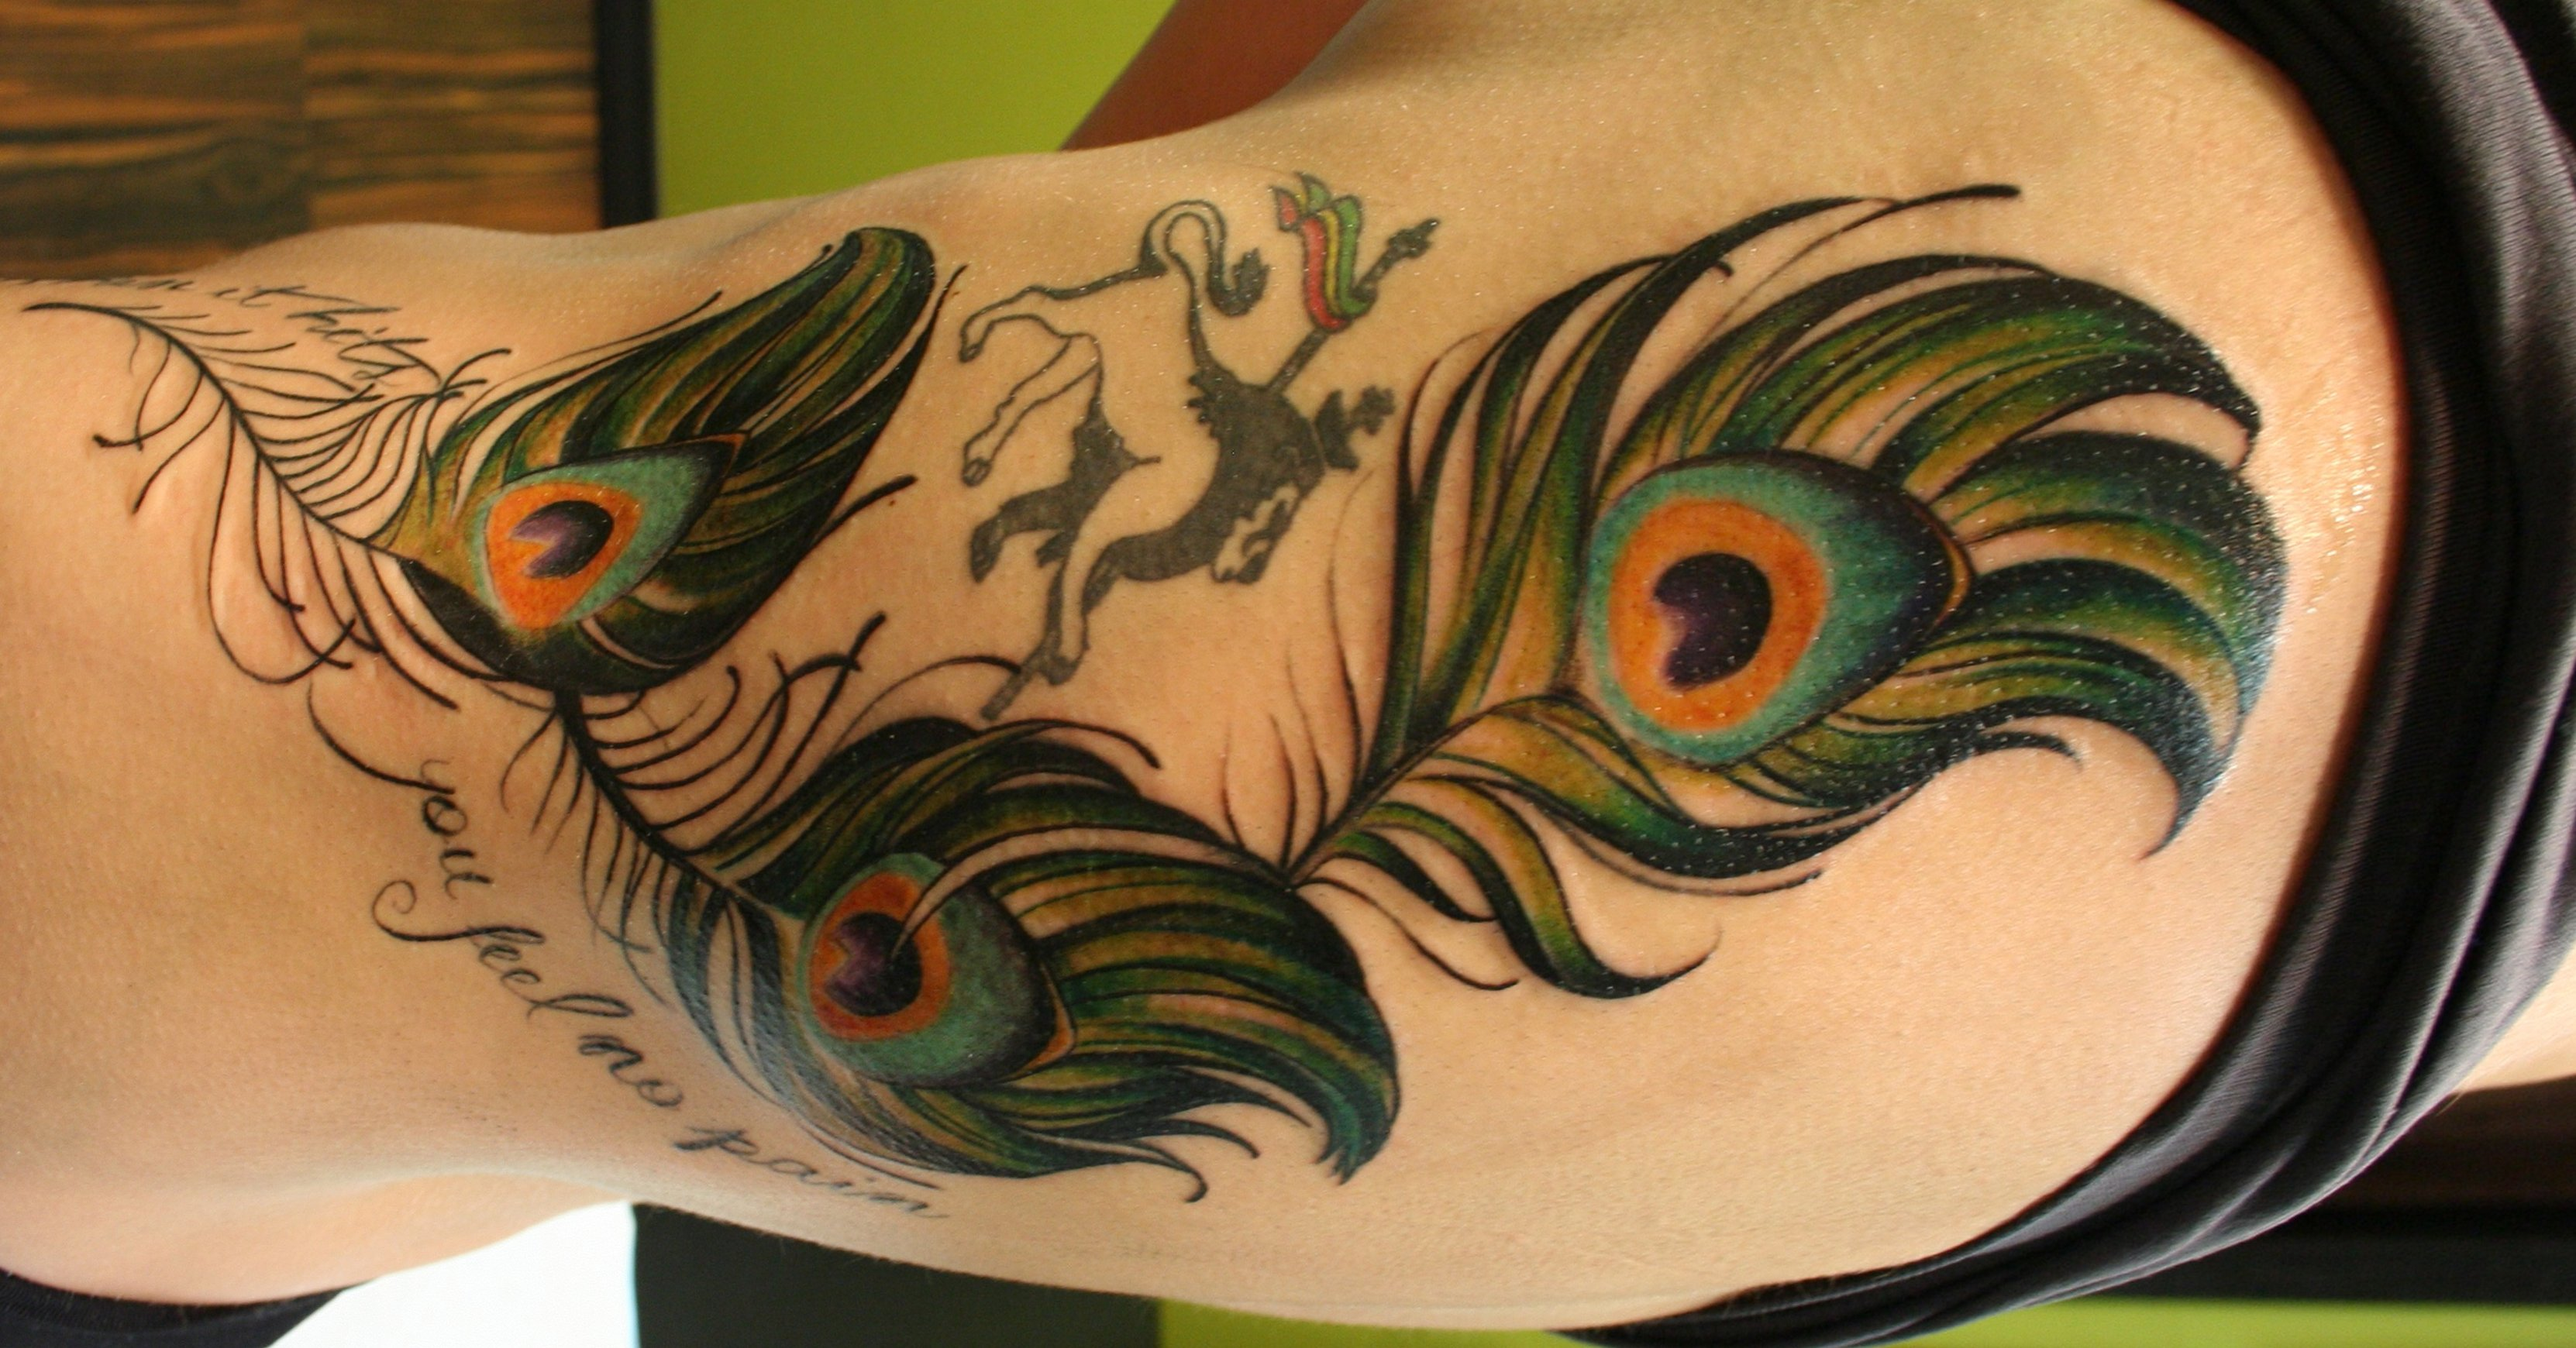 tattoos mit schönen bedeutungen